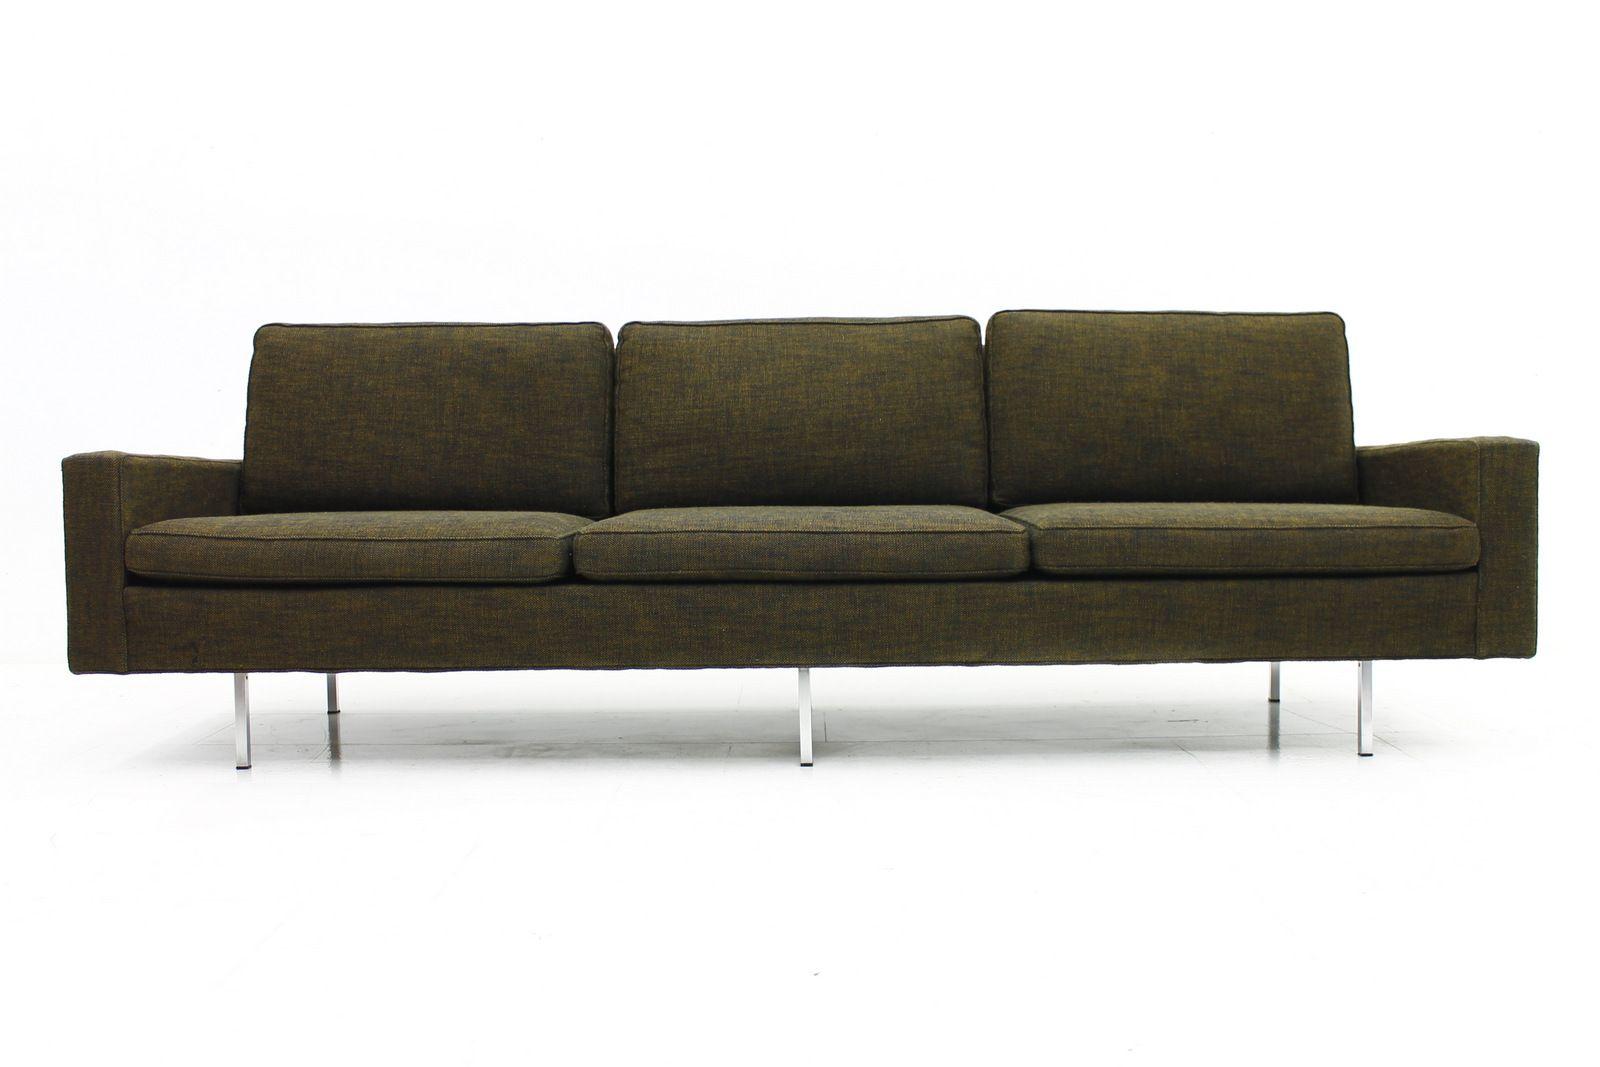 amerikanisches mid century sofa von florence knoll bei pamono kaufen